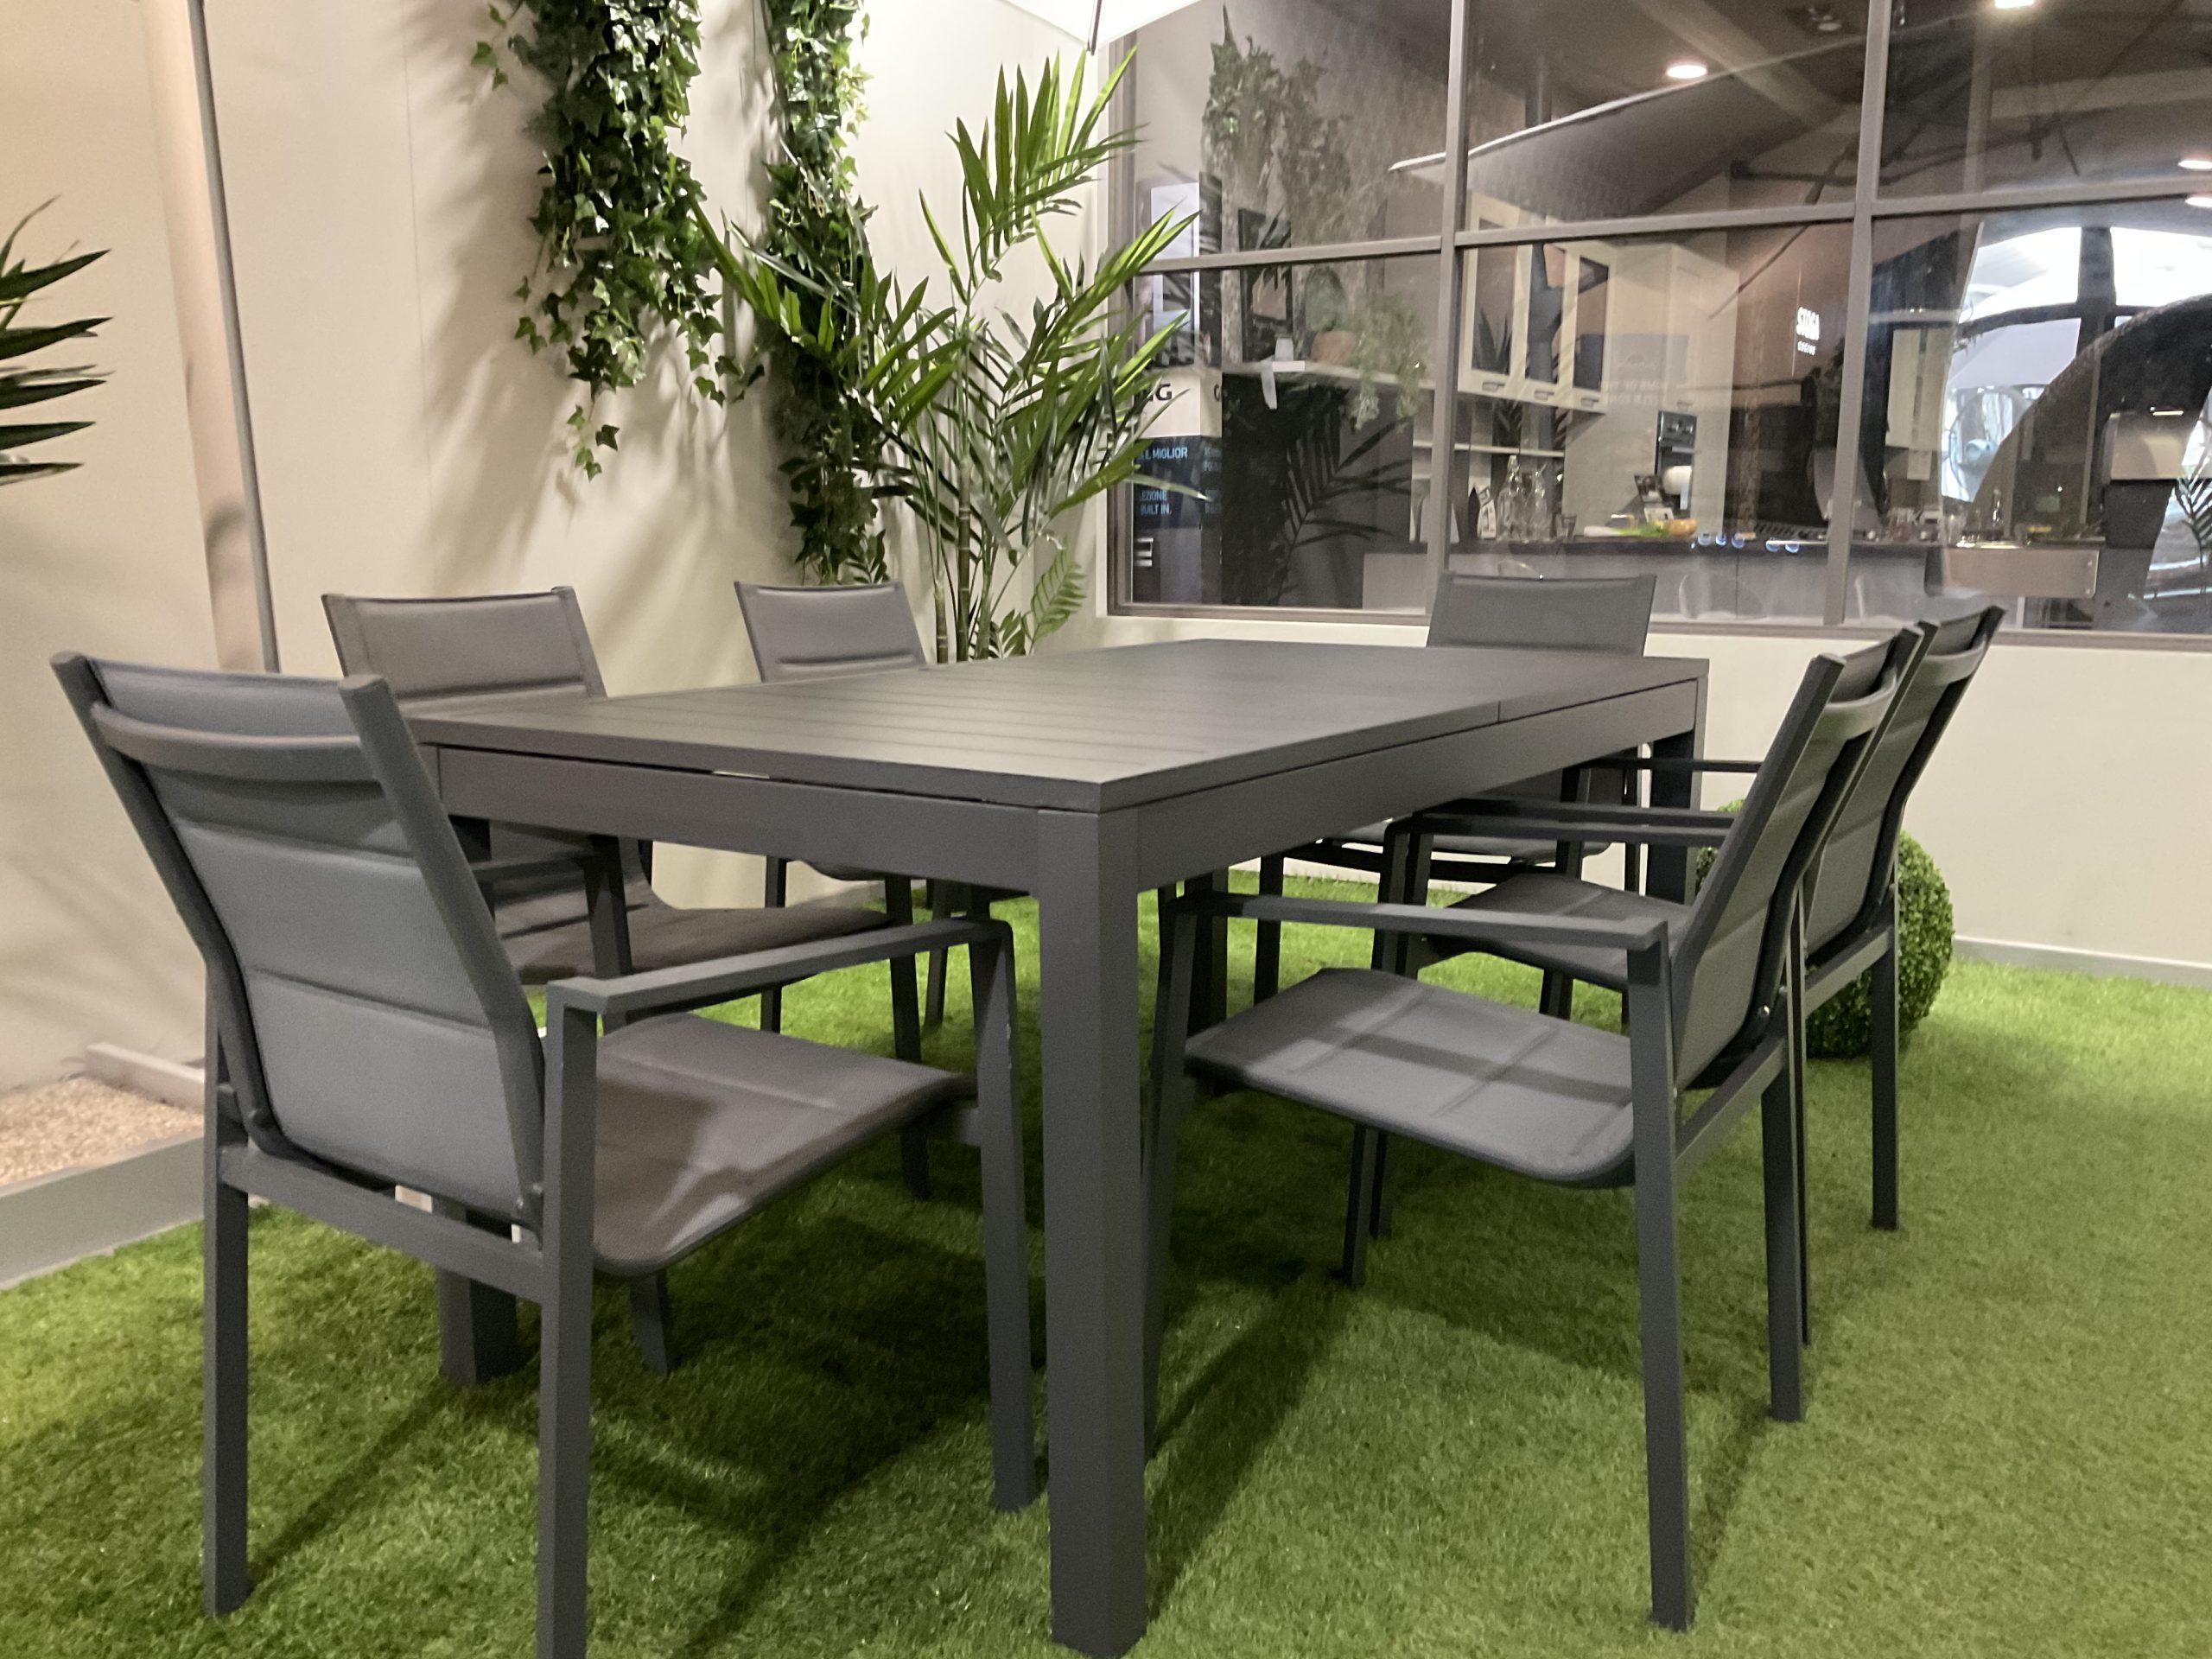 Il design del tavolo da giardino 3millimetri, disegnato dallo studiocharlie per depadova,. Tavolo Da Esterno In Alluminio 160x90cm